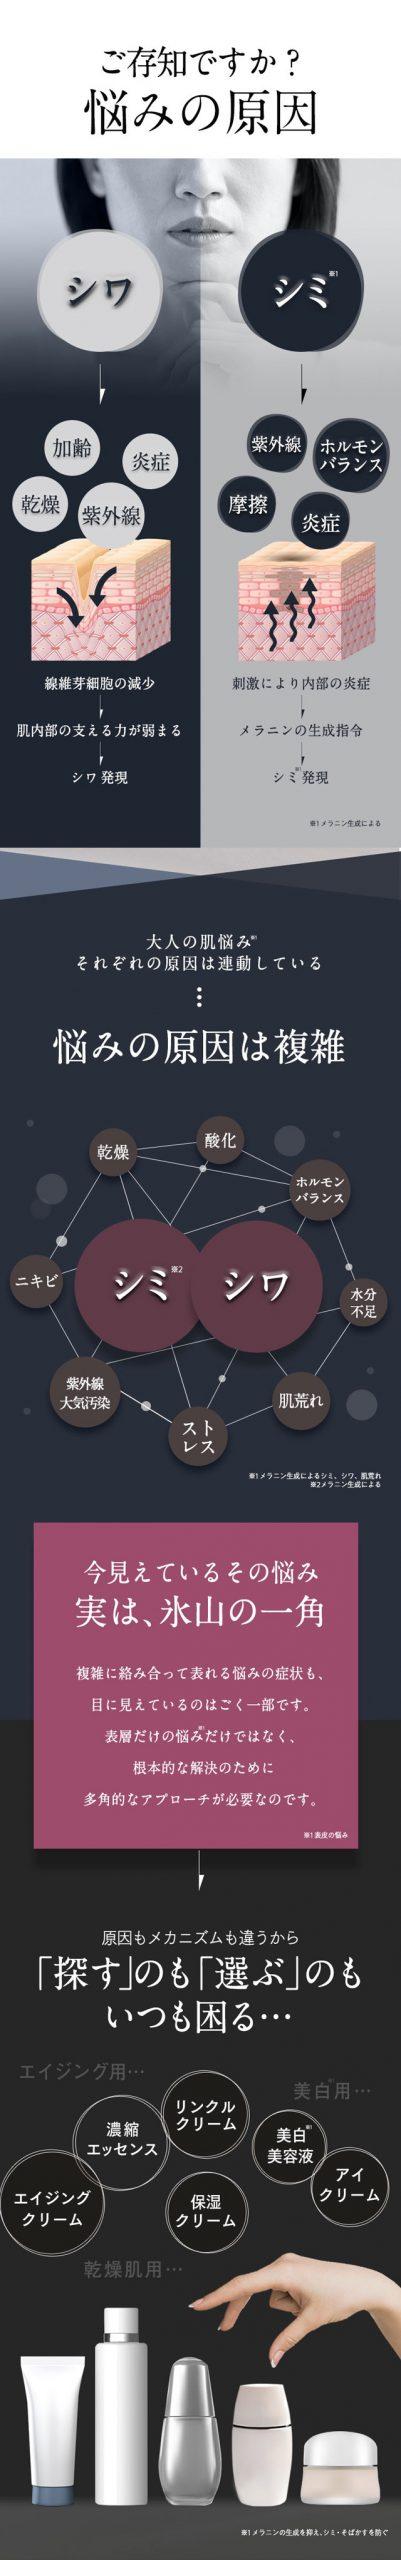 shimaboshi(シマボシ) Wリペアセラム,Wリペアショット,効果なし,評判,口コミ